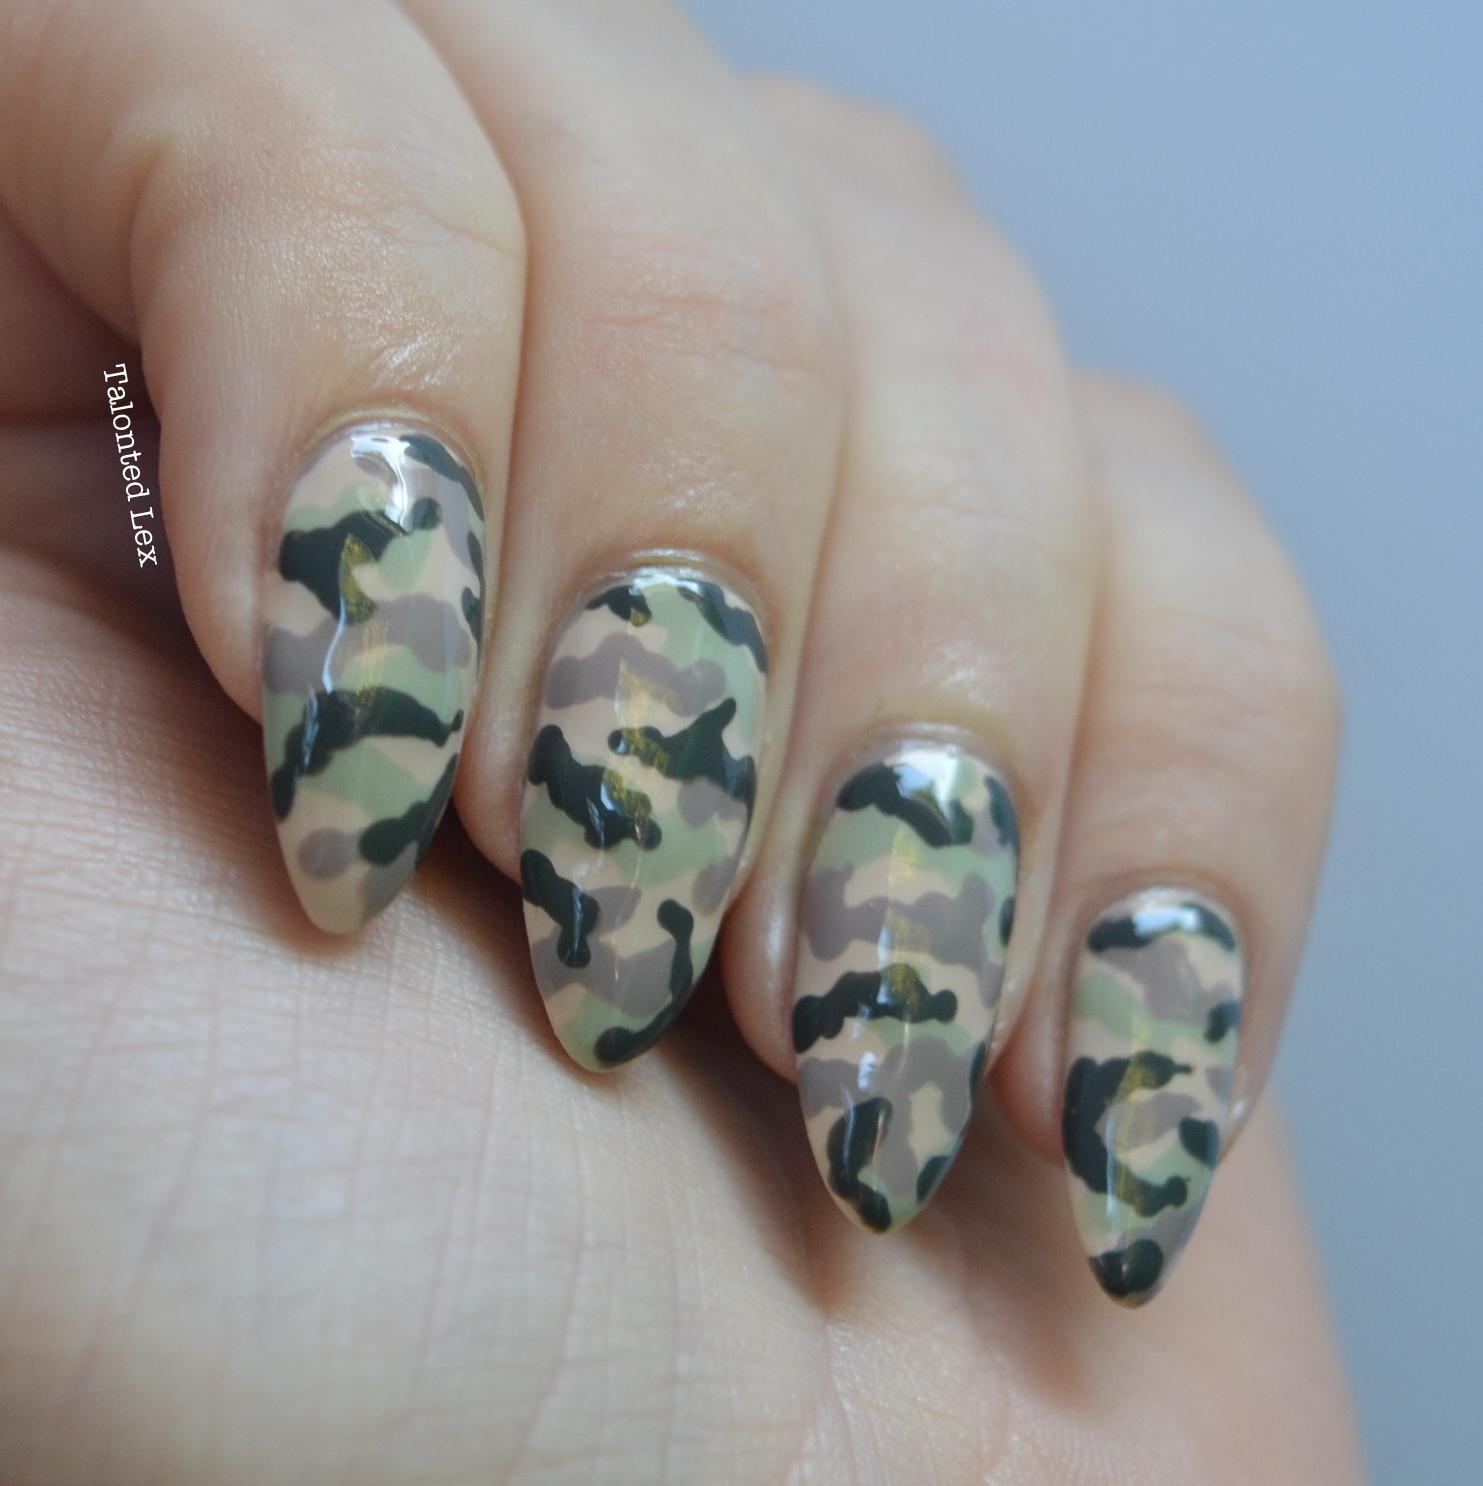 Mani-Monday-Camouflage-nail-art-Talonted-Lex-3